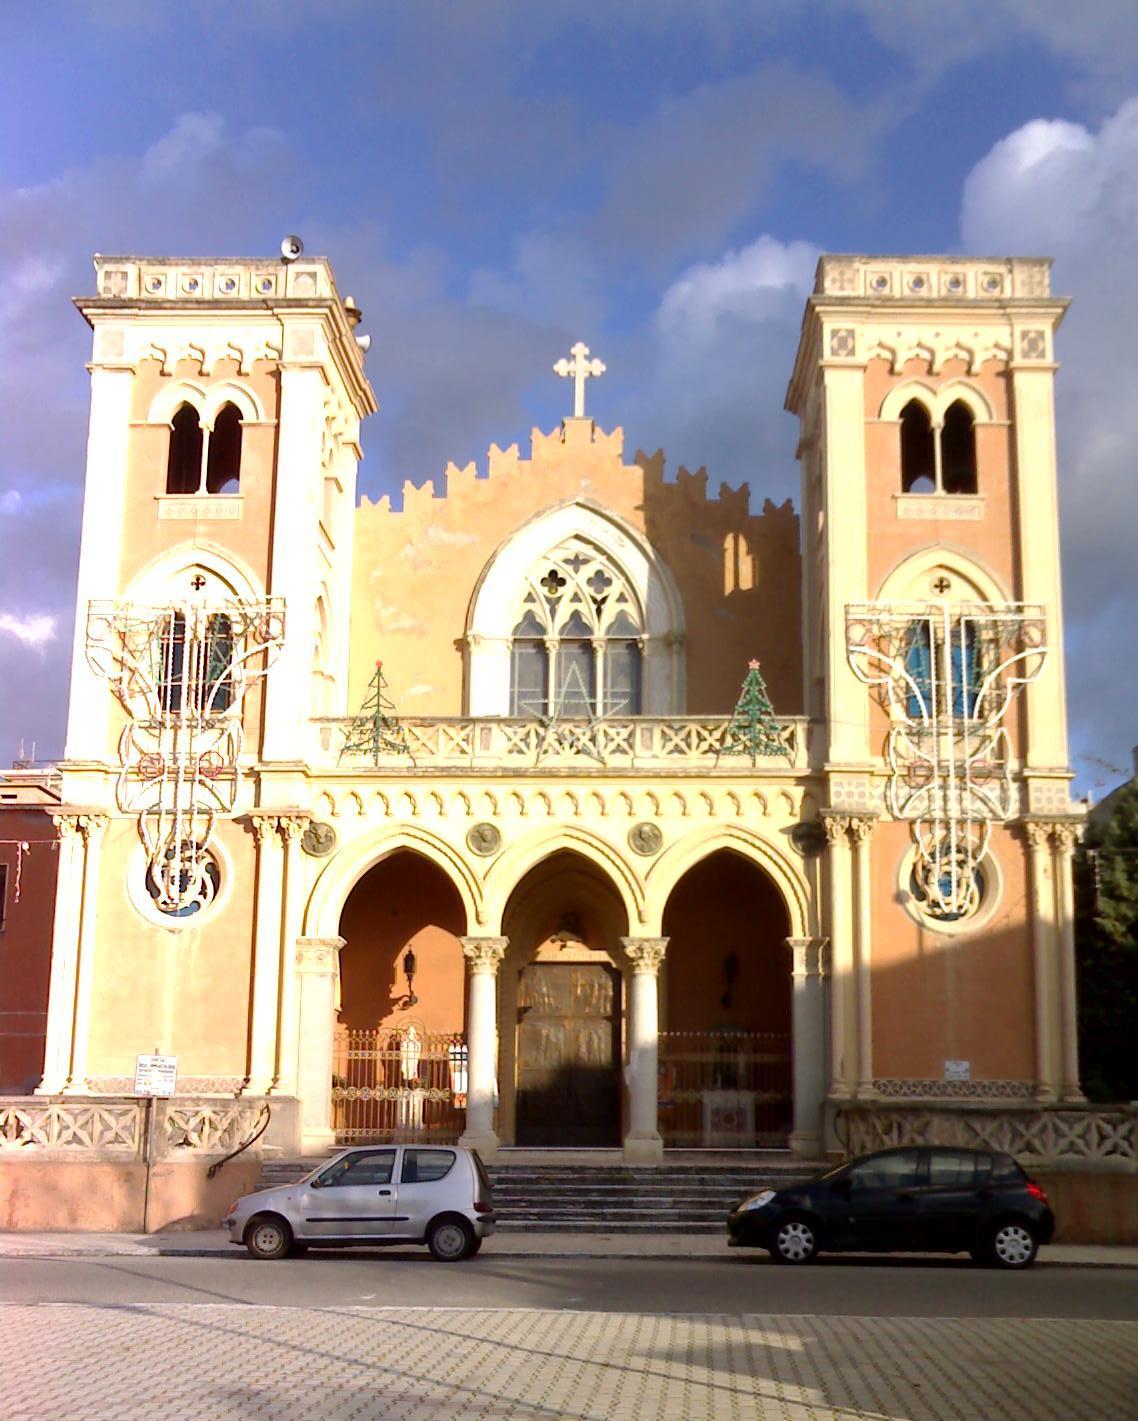 Villa san giovanni wikip dia for Amaretti arredamenti villa san giovanni